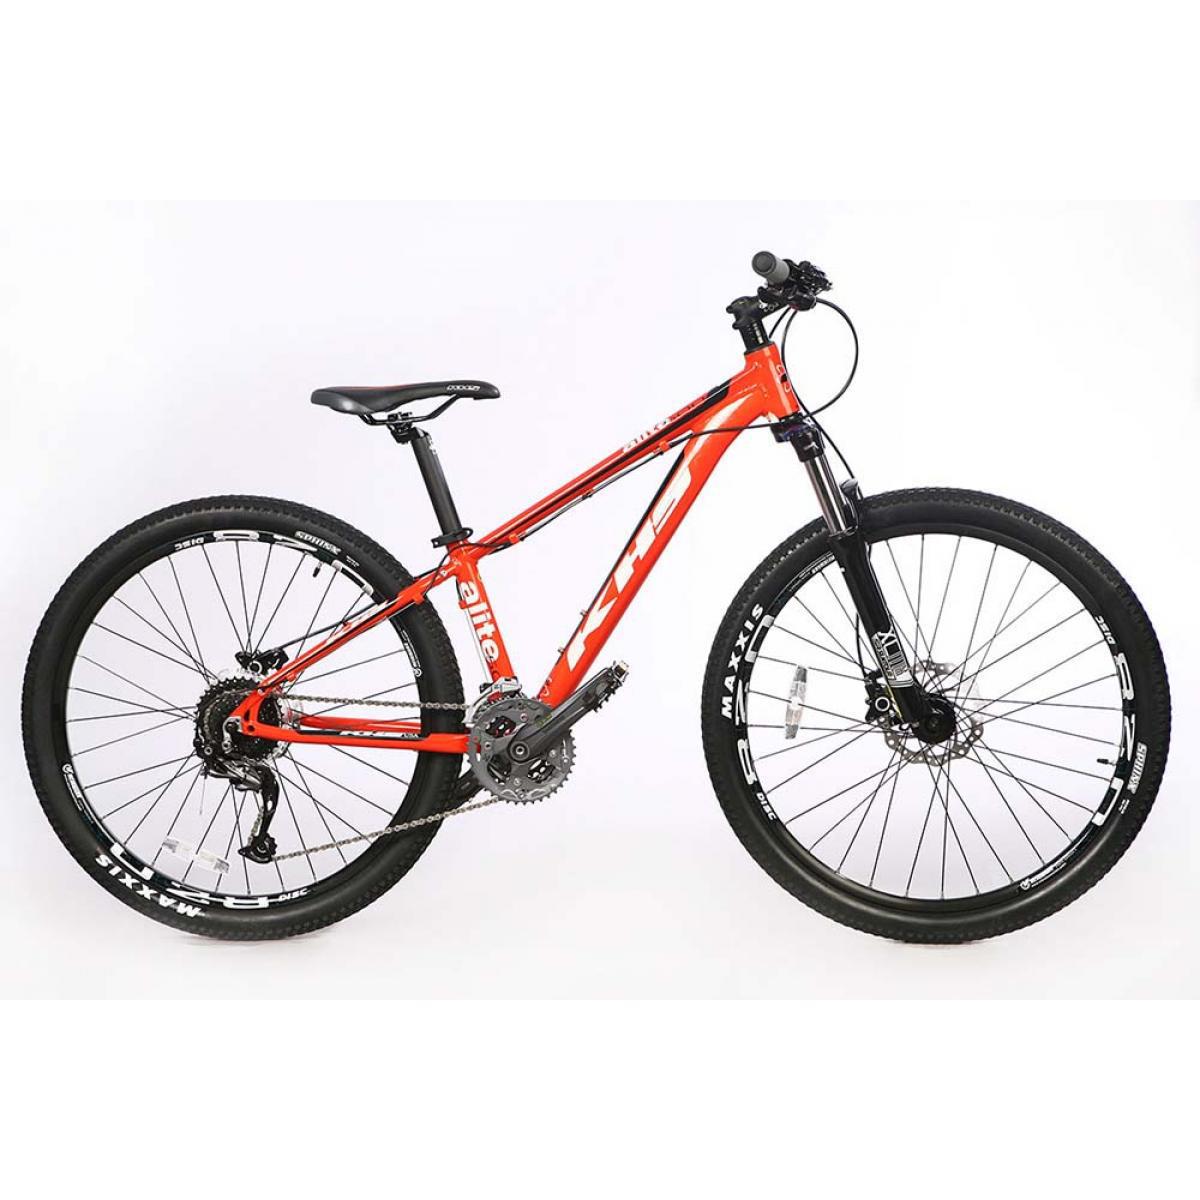 Велосипед горный KHS Alite 500 2016, цвет: оранжевый, рама 21, колесо 26258574